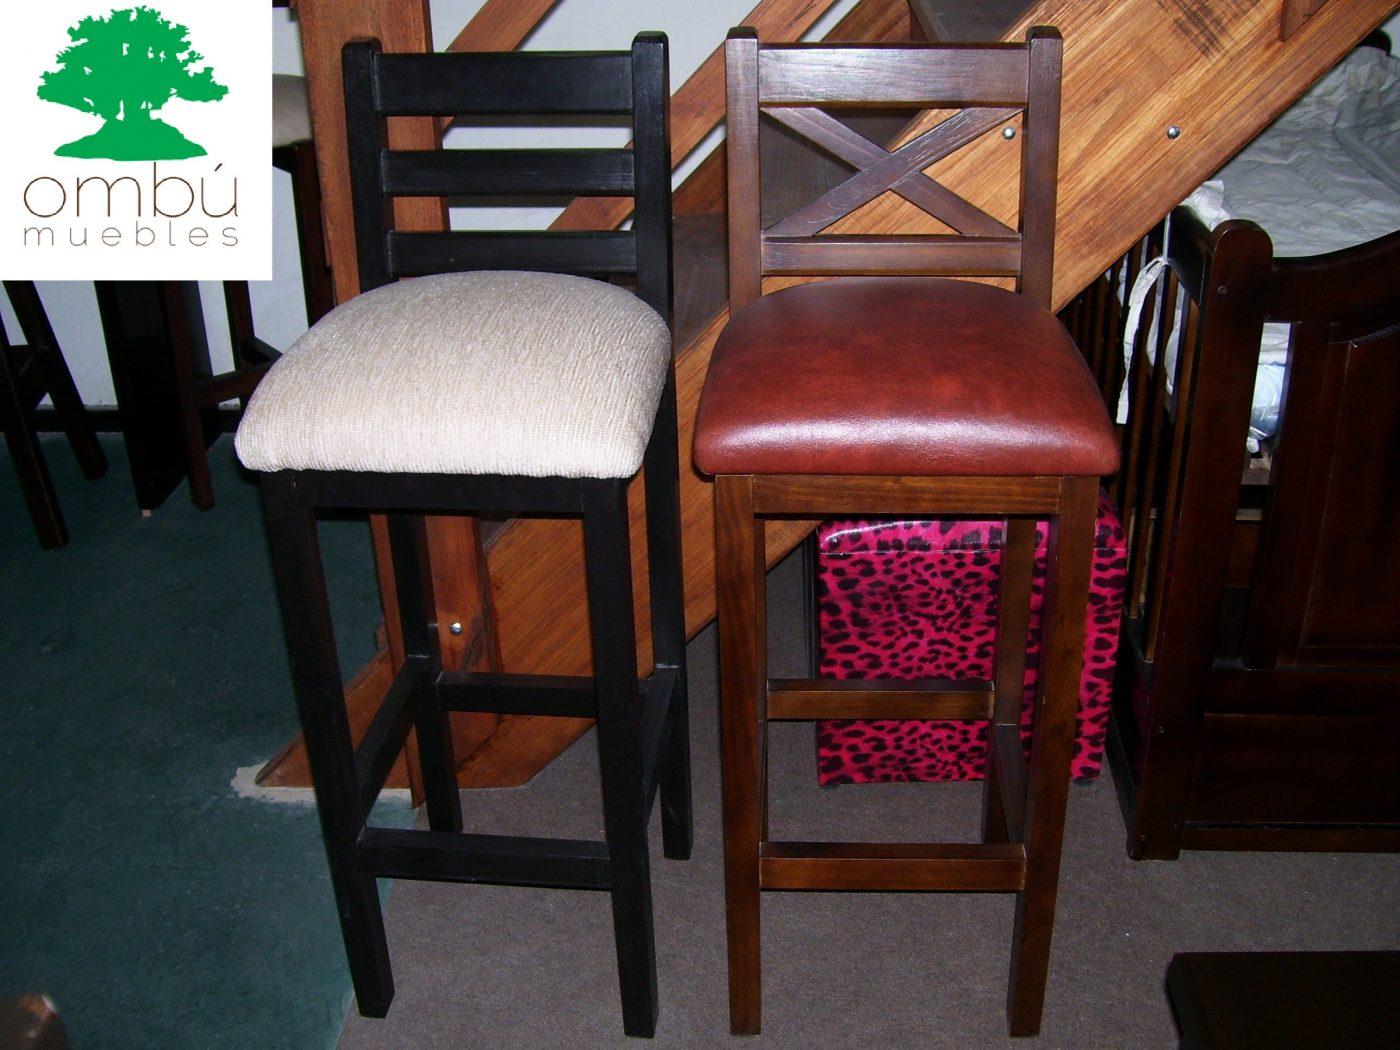 Butacas para bares en madera omb muebles uruguay for Muebles rusticos uruguay